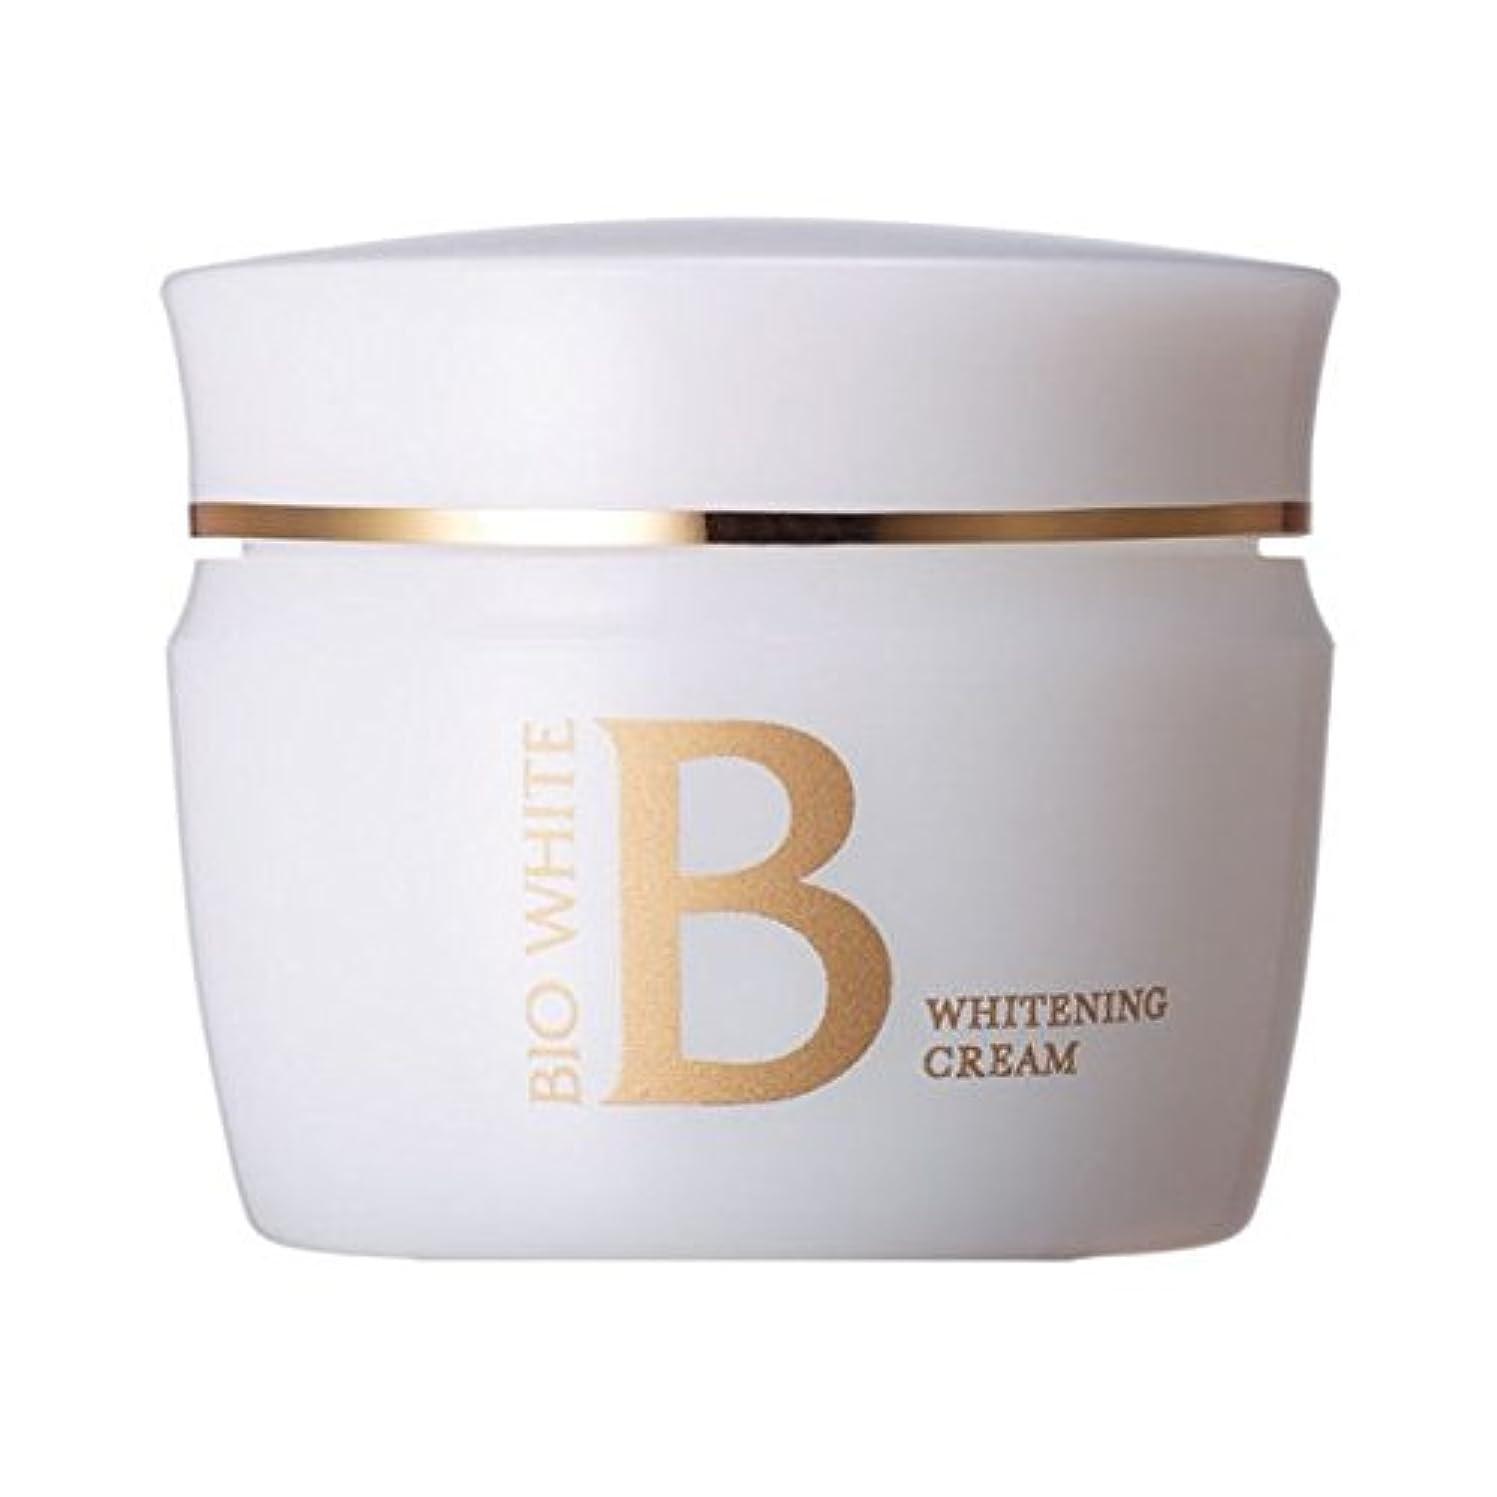 魔女壮大な賄賂エビス化粧品(EBiS) ビーホワイトクリーム40g トラネキサム酸配合 美白クリーム フェイスクリーム